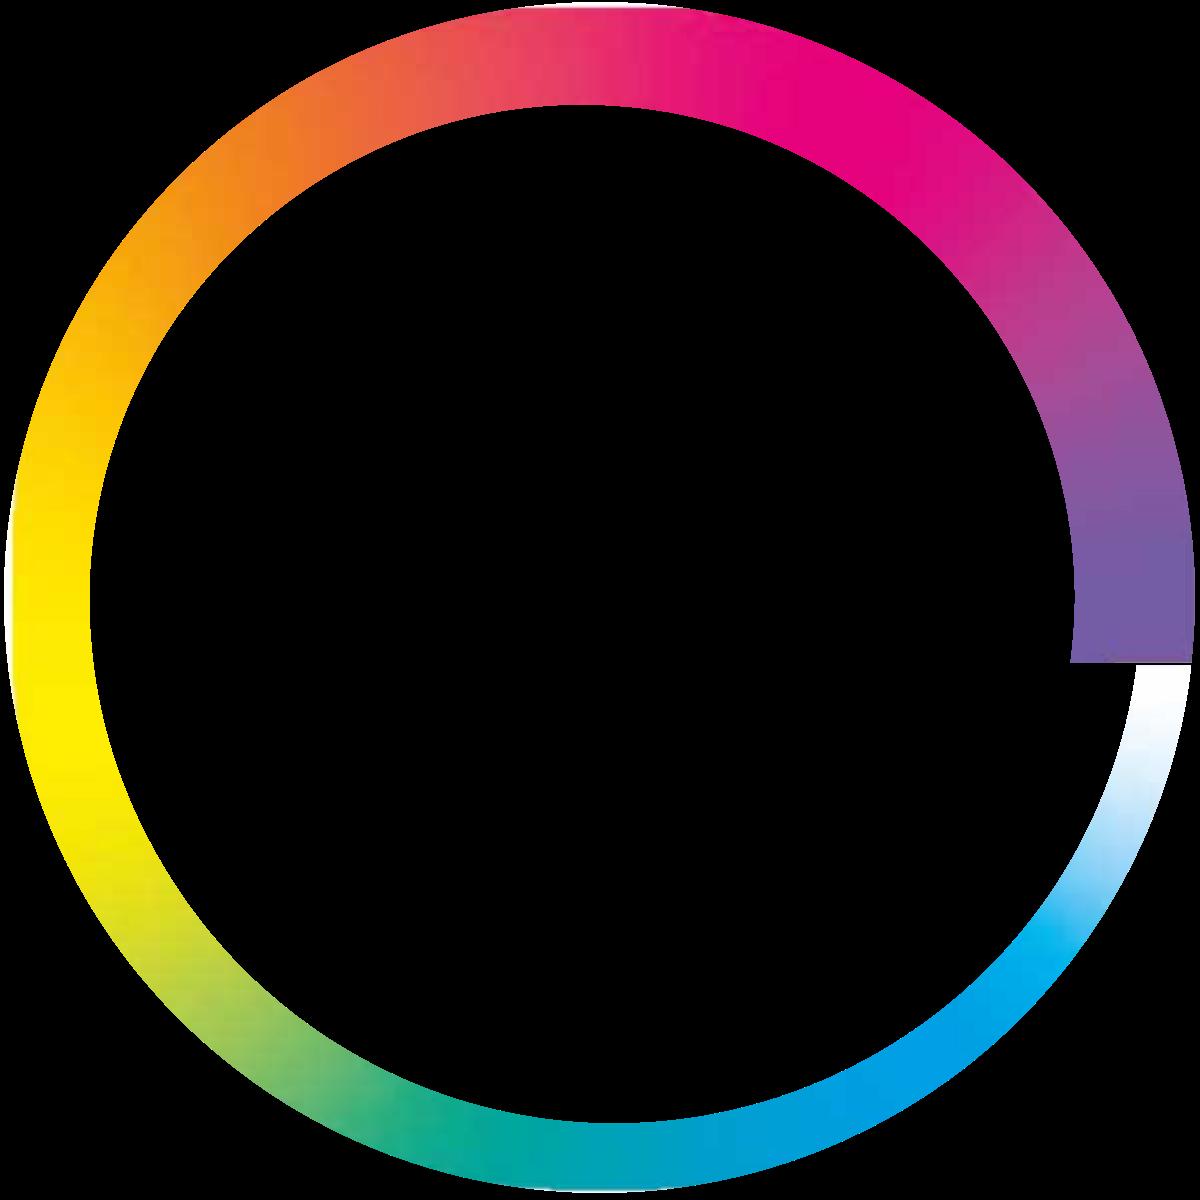 covestgro-logo